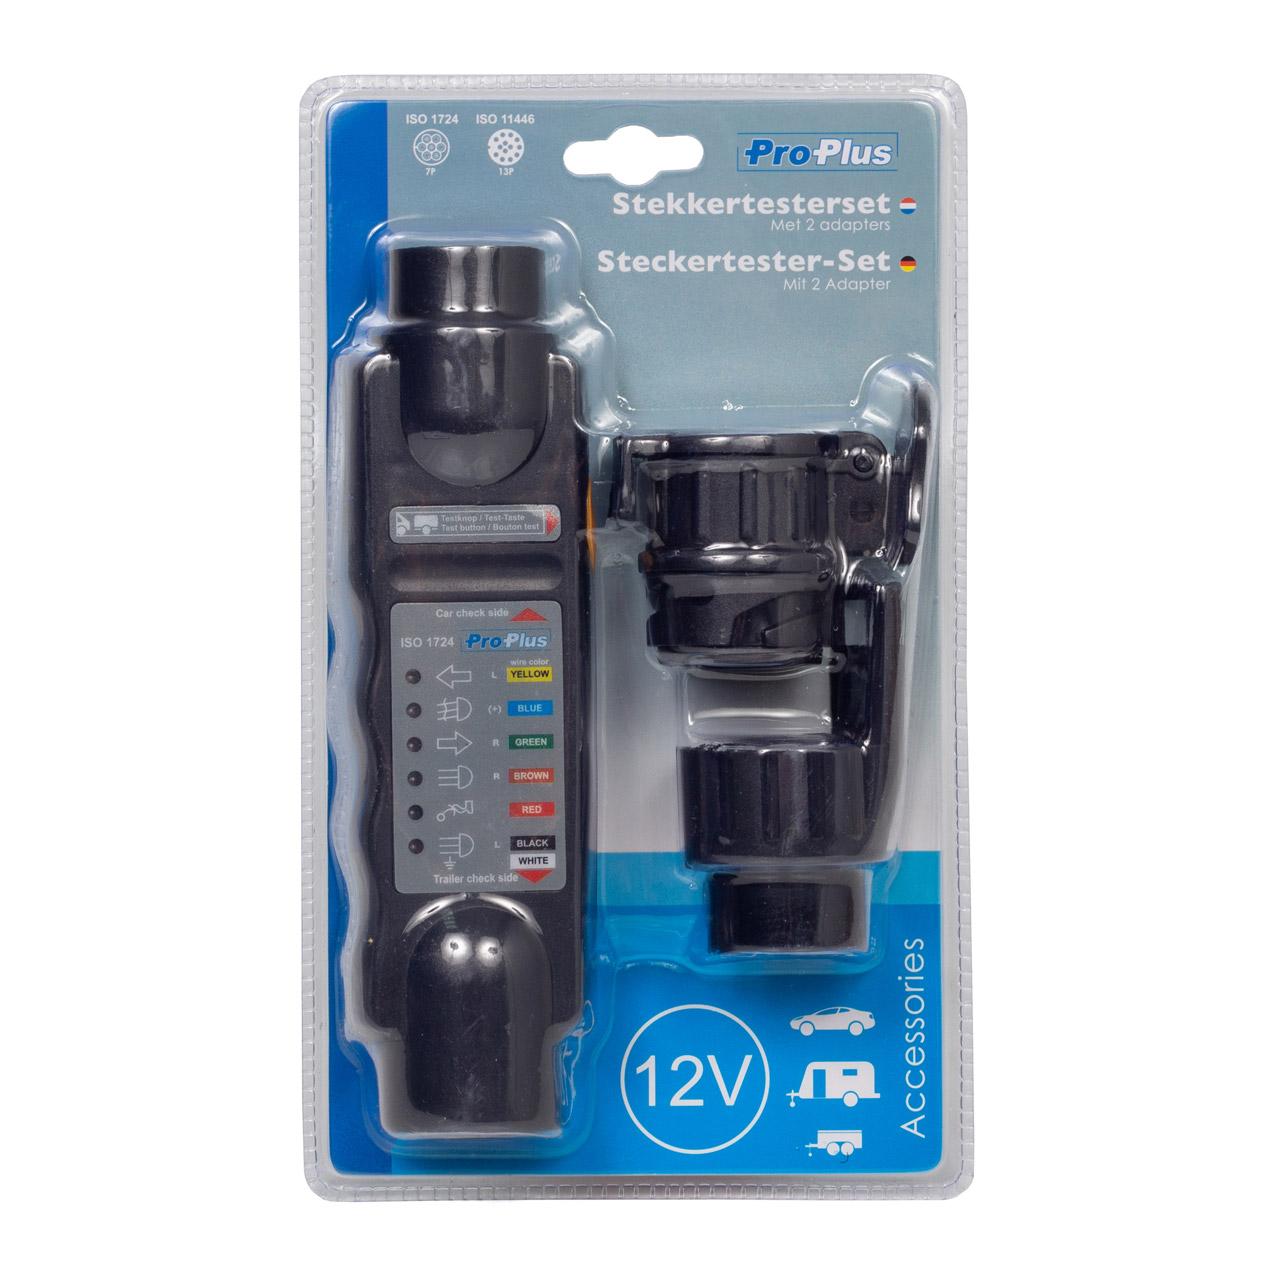 PROPLUS Steckertester-Set Beleuchtungstester mit 2 Adapter 7-polig 13-polig 12V